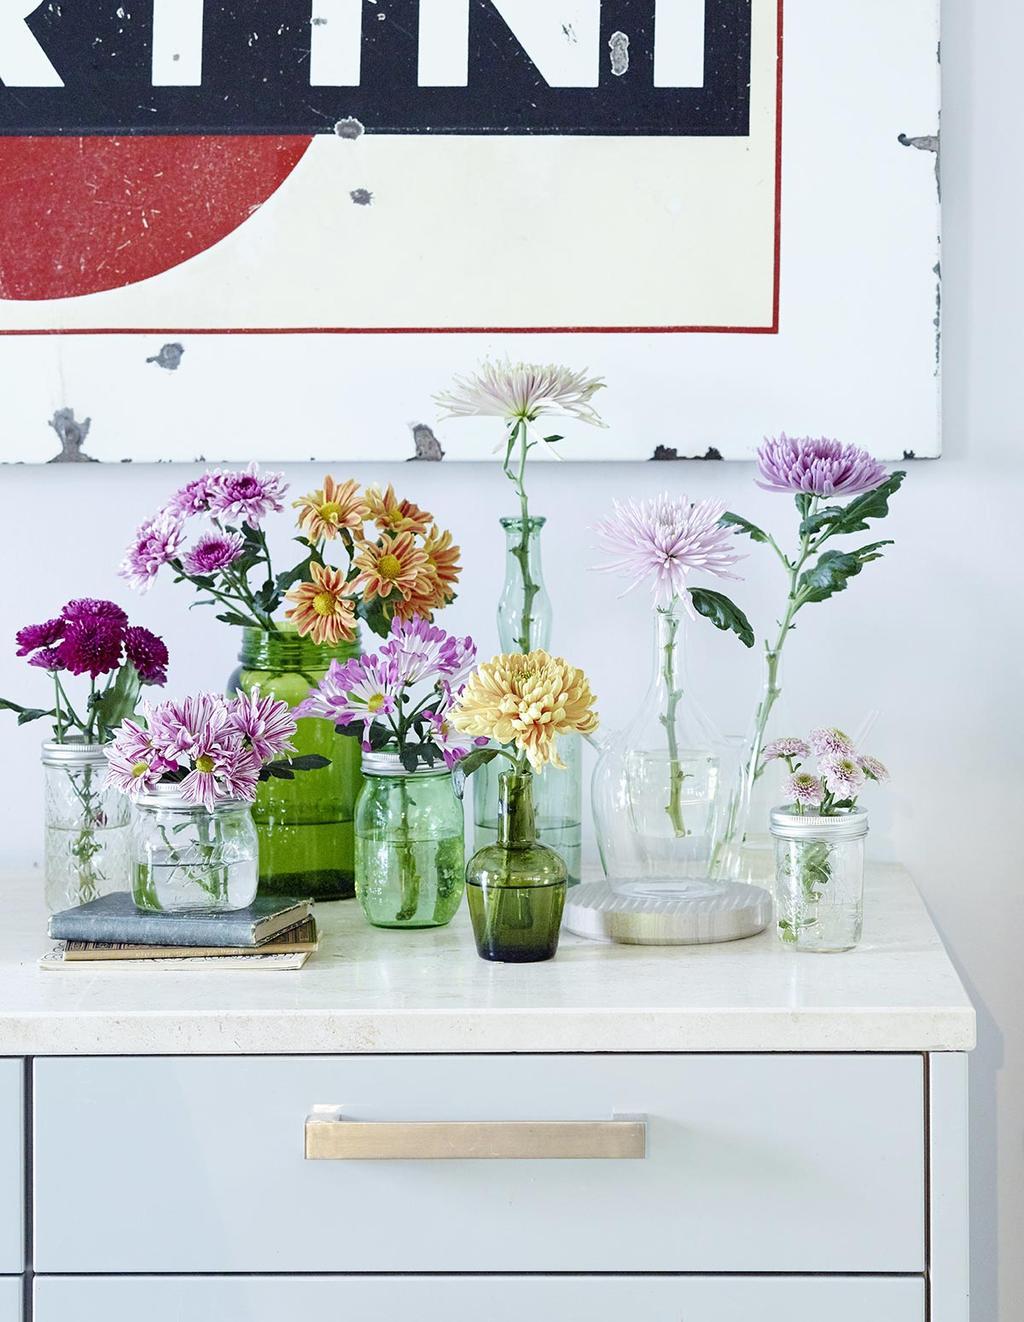 Chrysanten in glazen vazen op een ladekastje